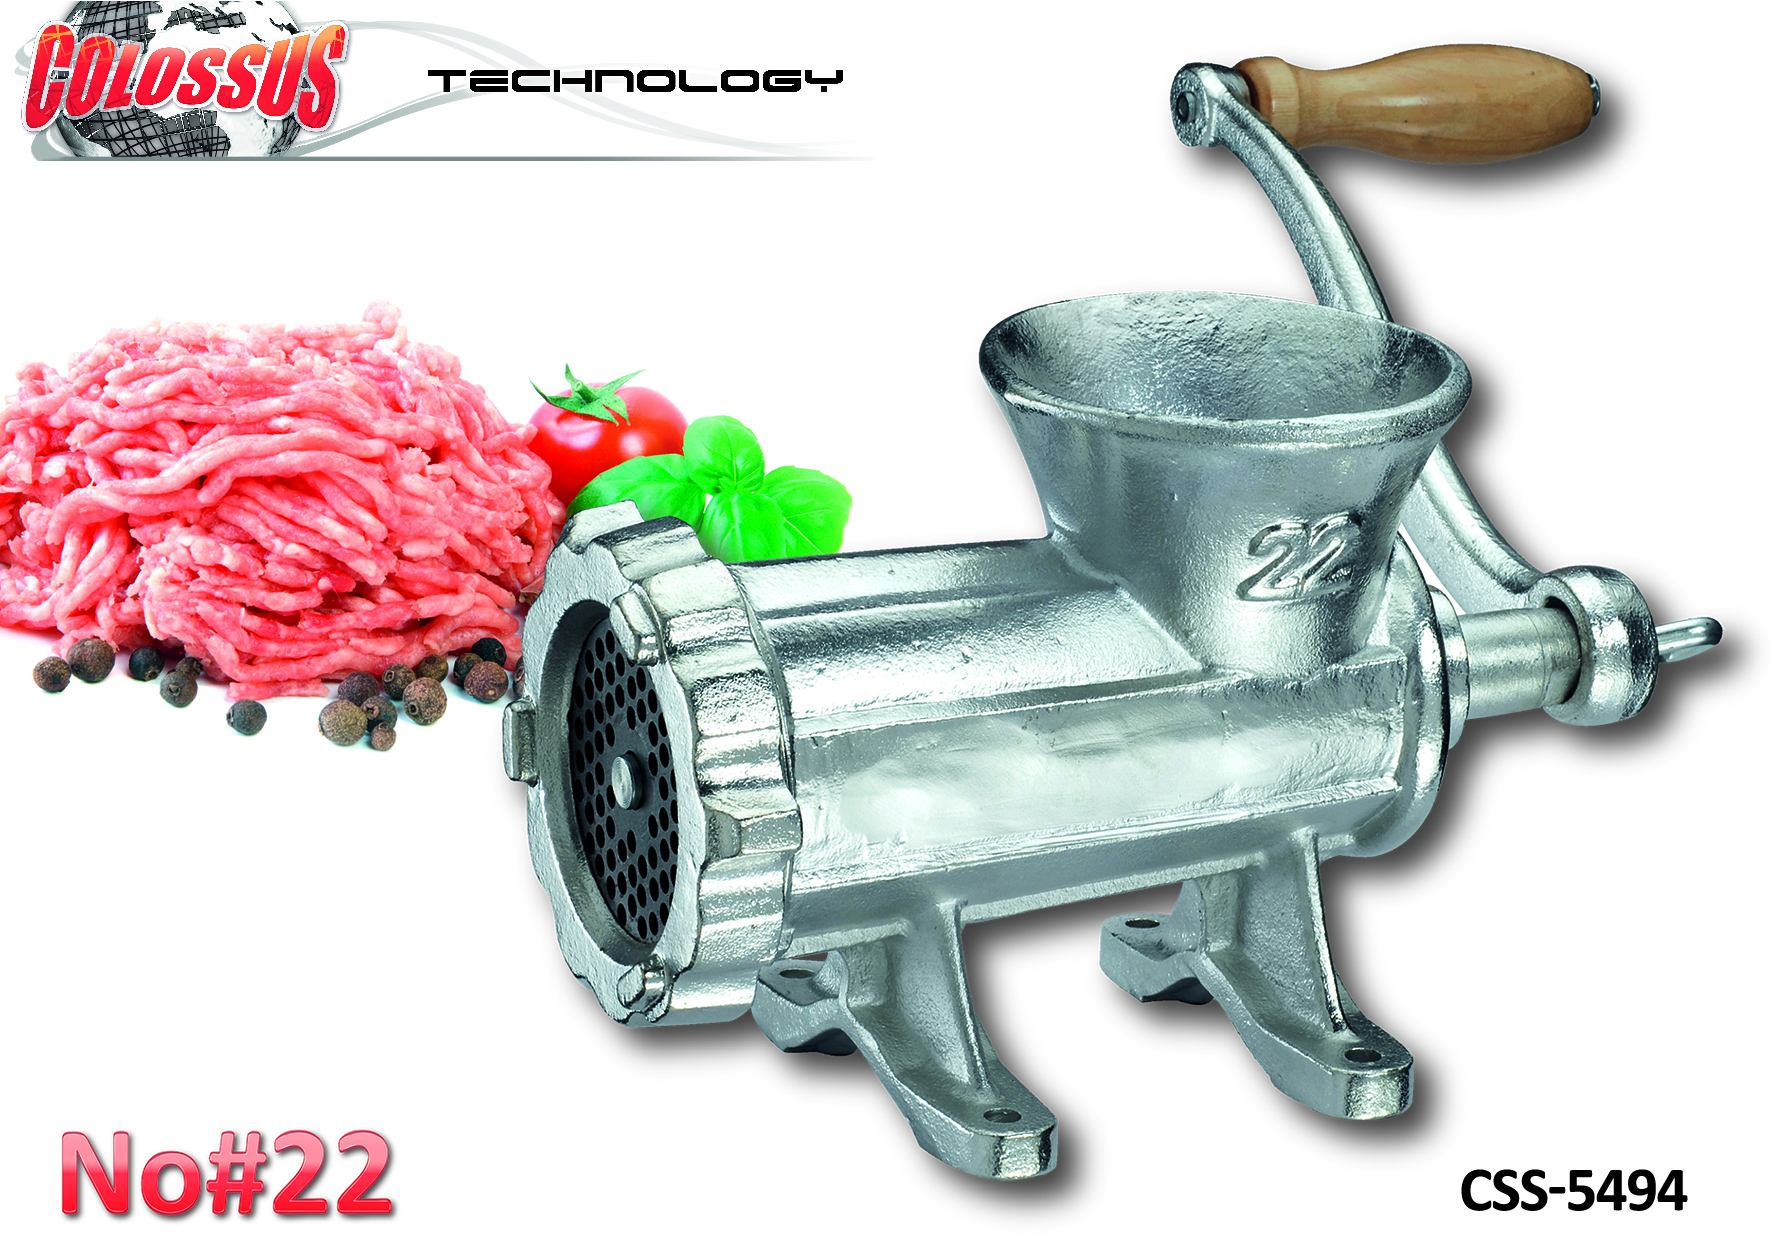 COLOSSUS Mašina za meso 22# CSS-5494